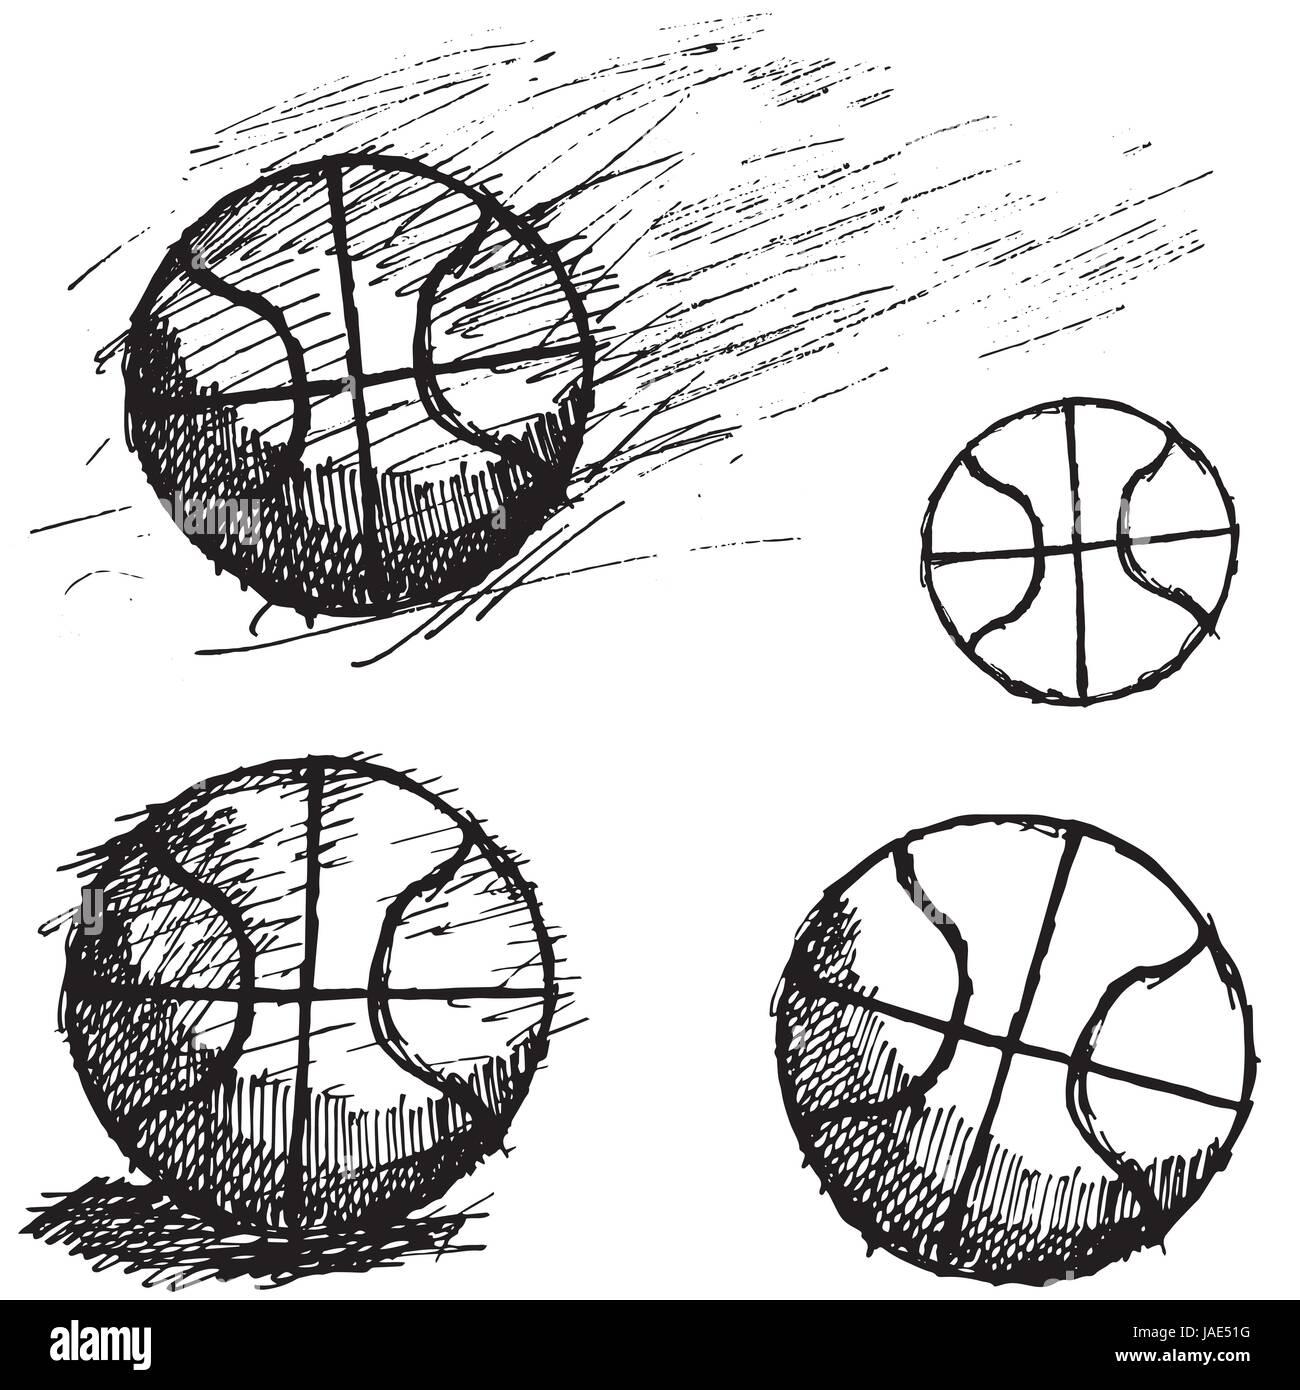 basquetebol bola desenho conjunto isolado no fundo branco ilustração